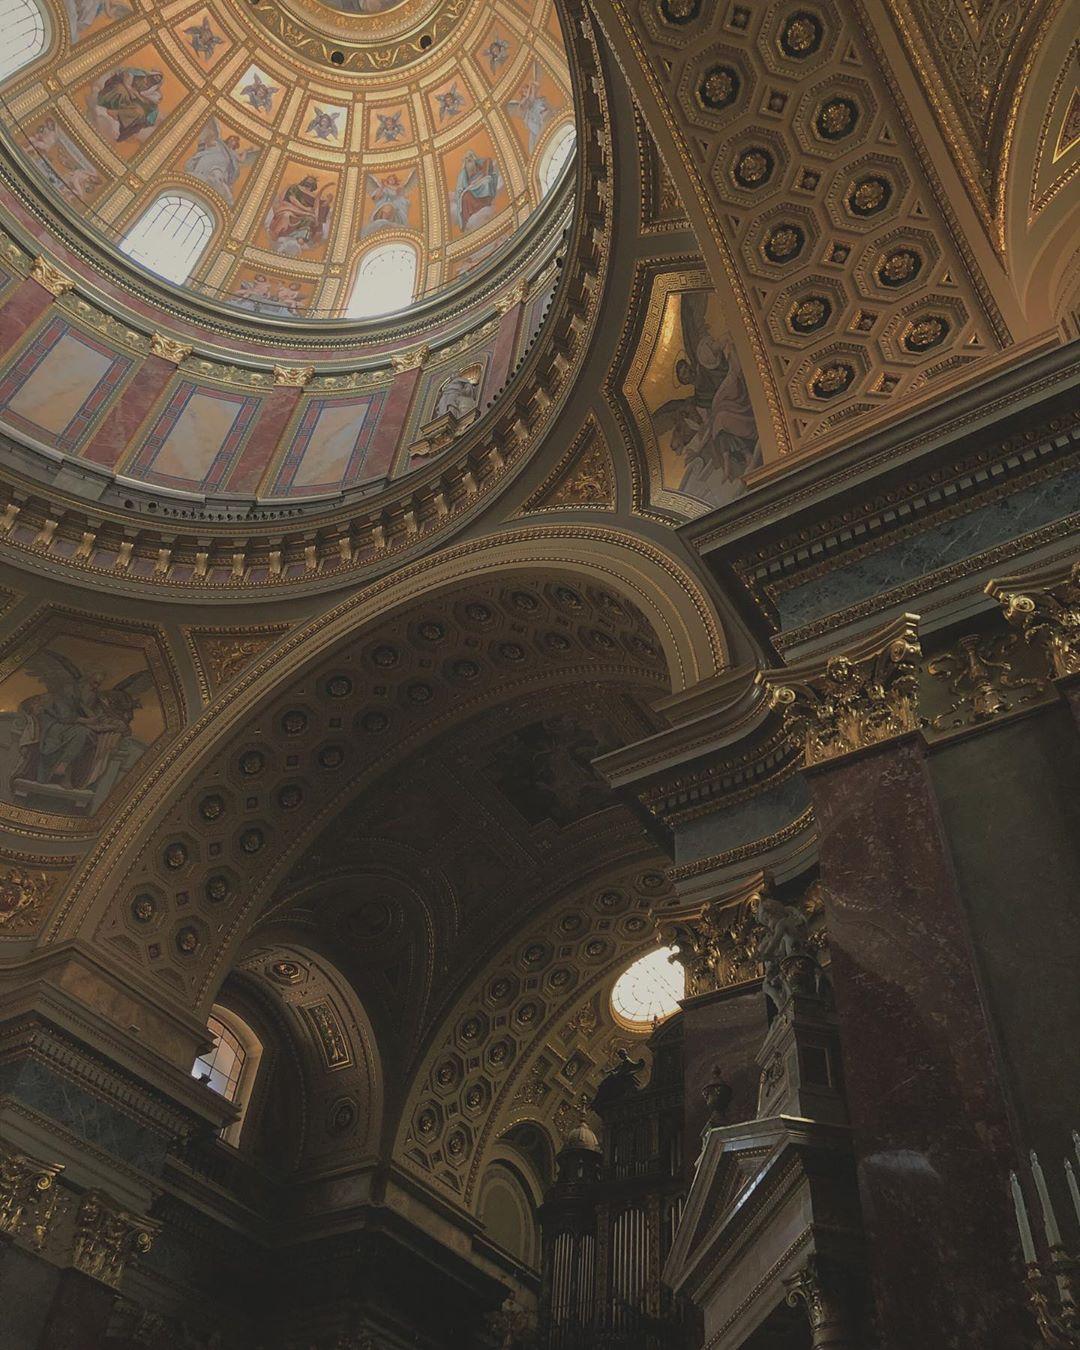 ブダペスト 聖イシュトヴァーン大聖堂